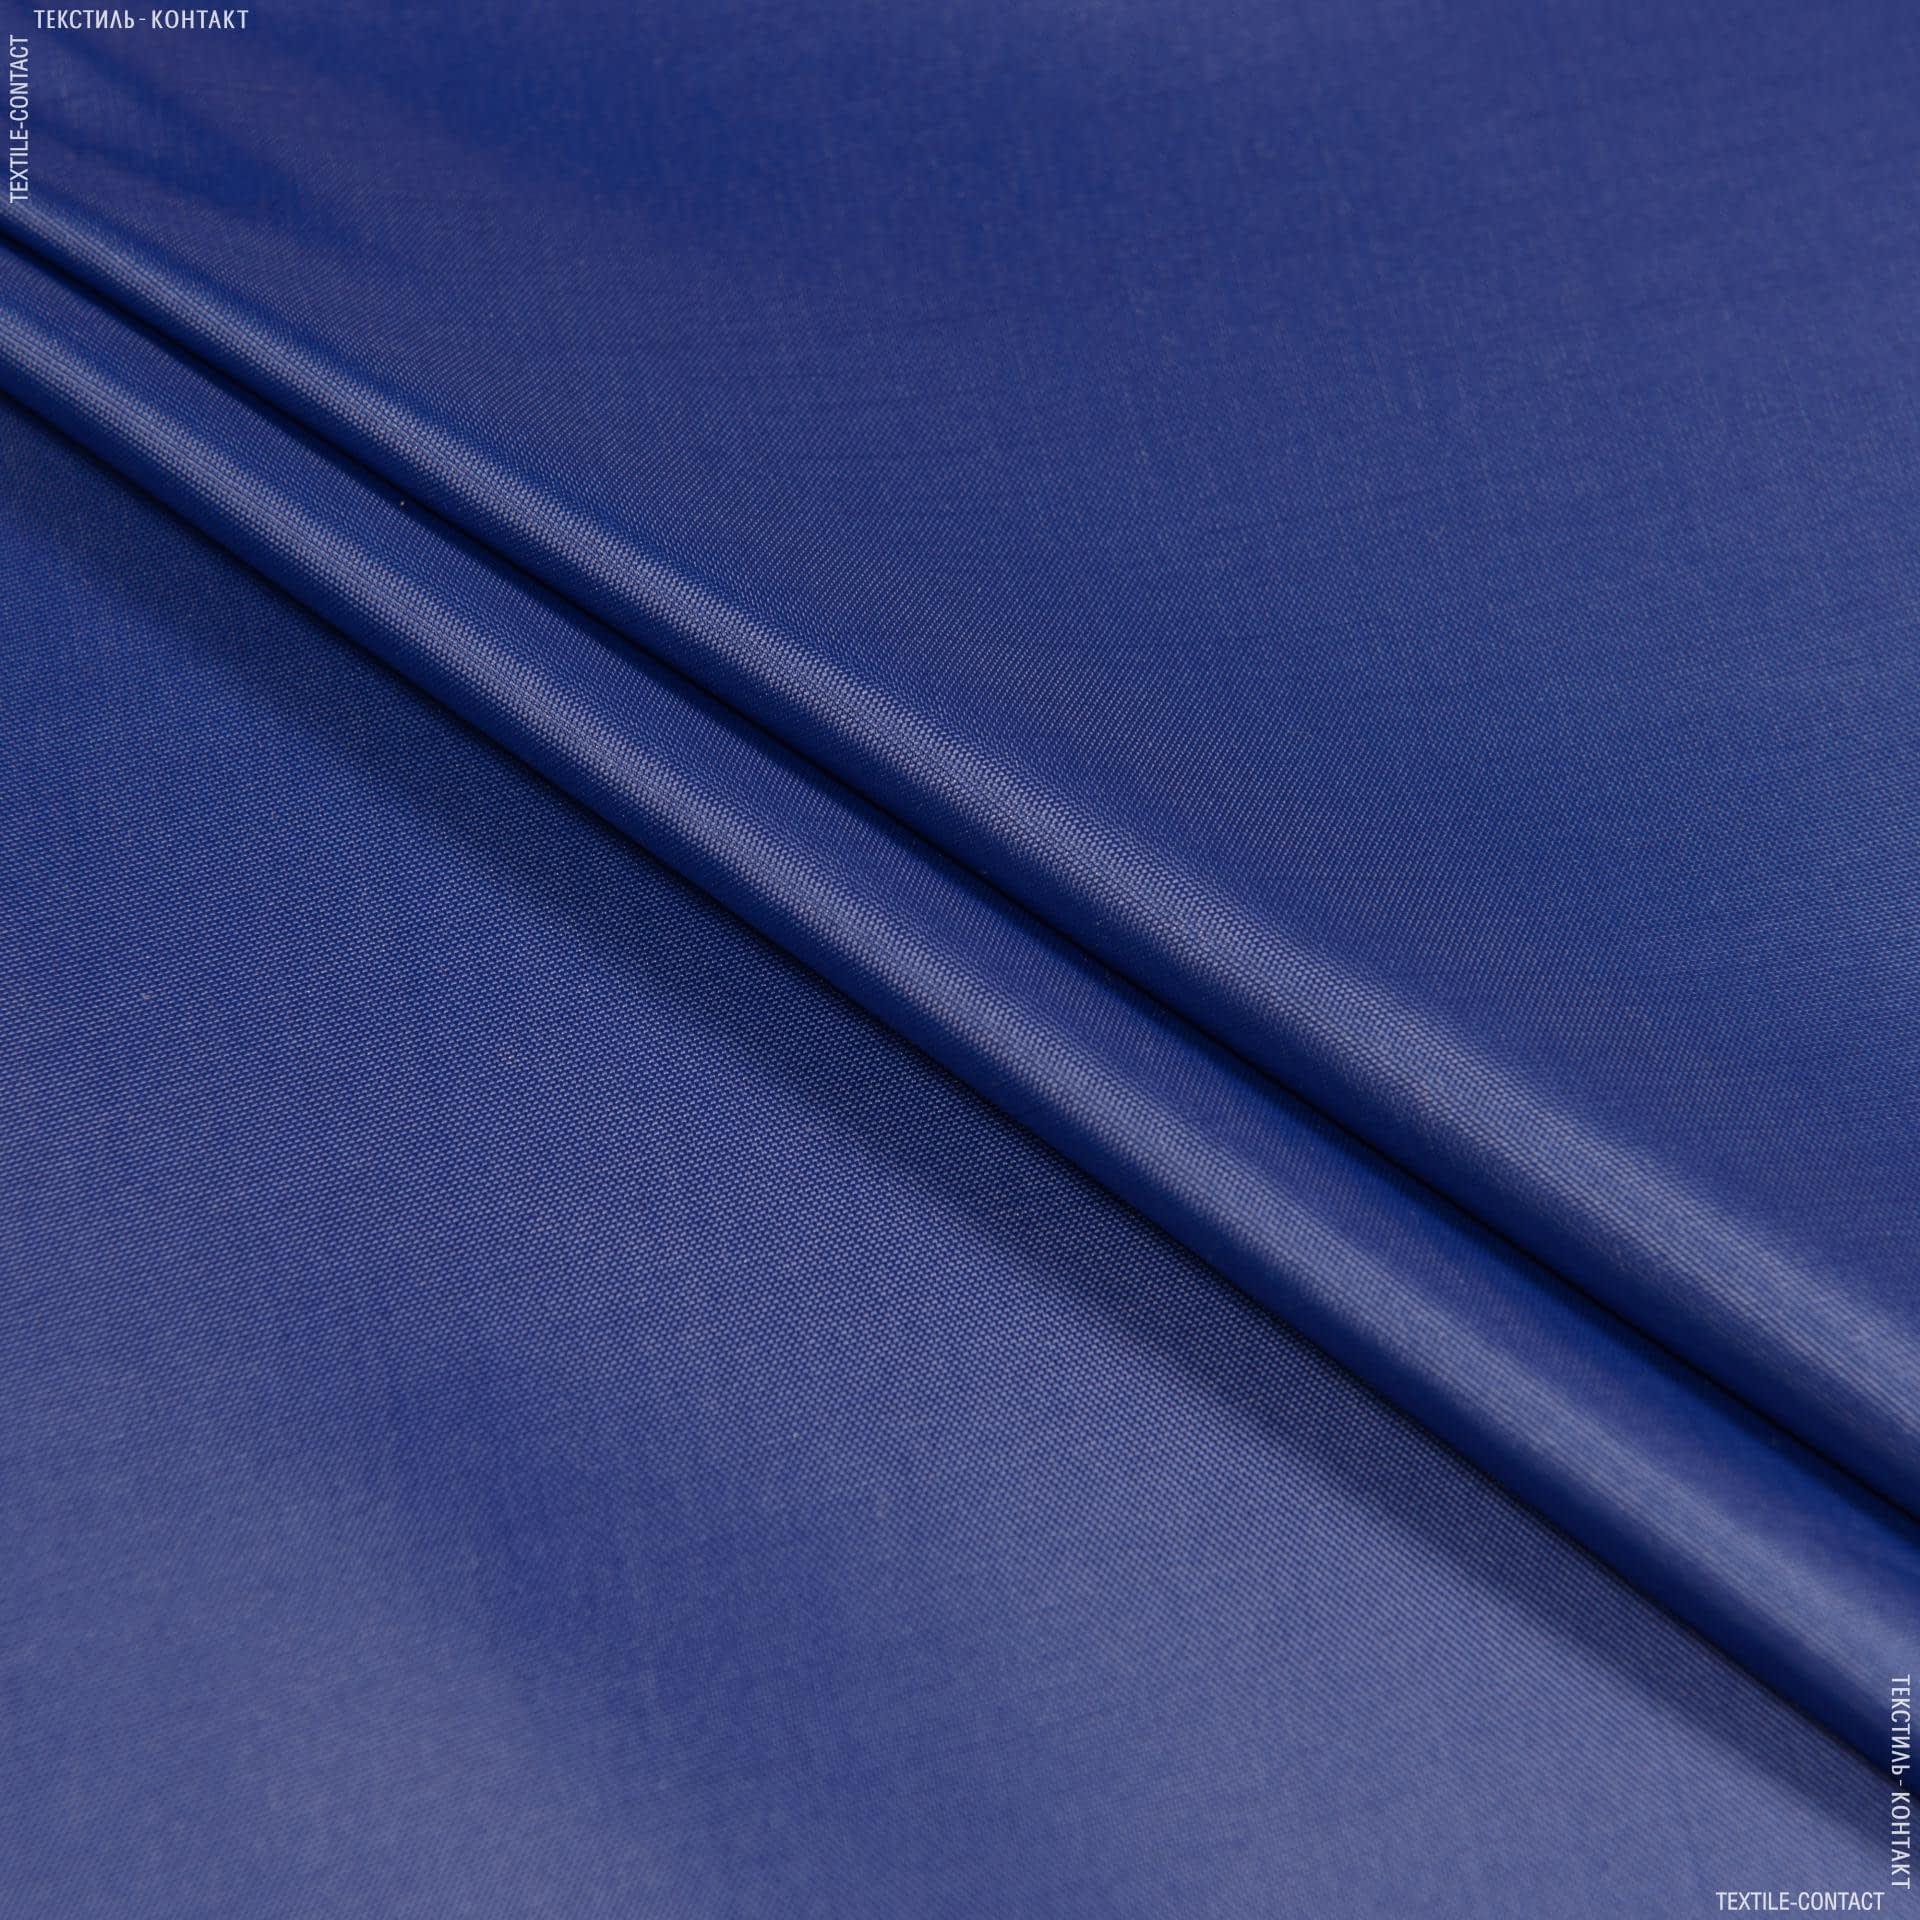 Тканини для верхнього одягу - Болонія сільвер синій